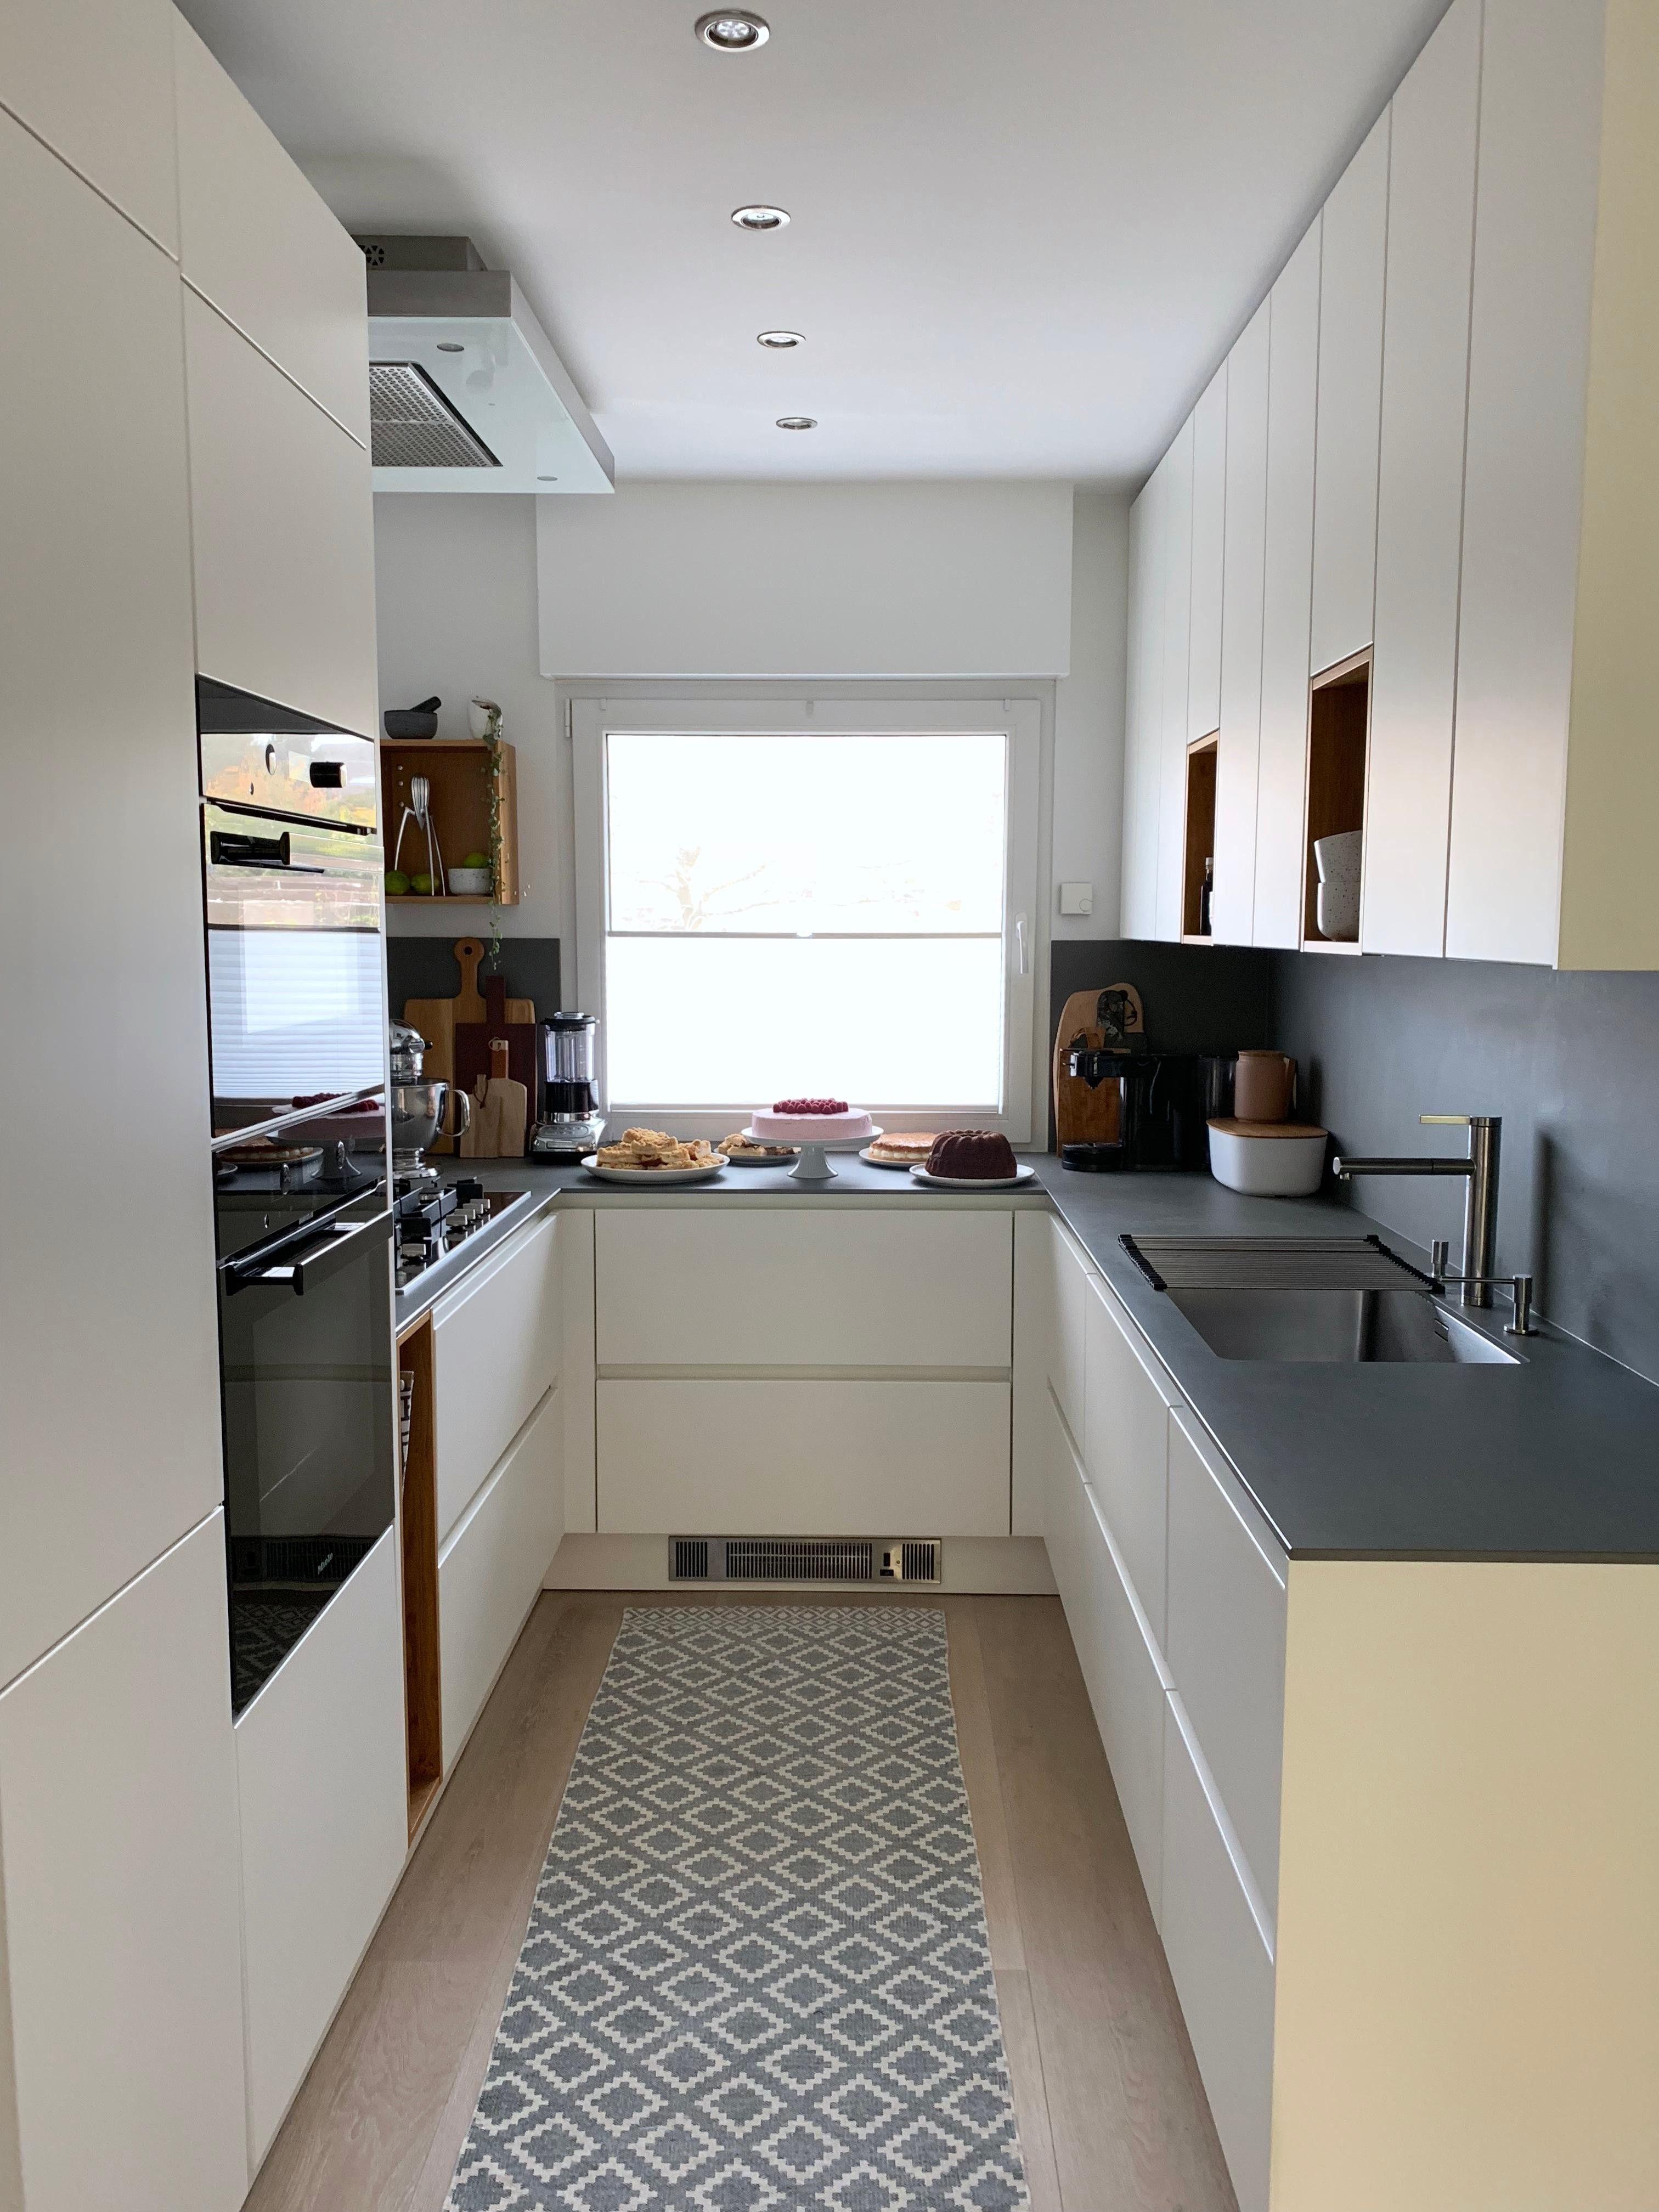 kleineküche | küche einrichten, kleine küche, küchen design